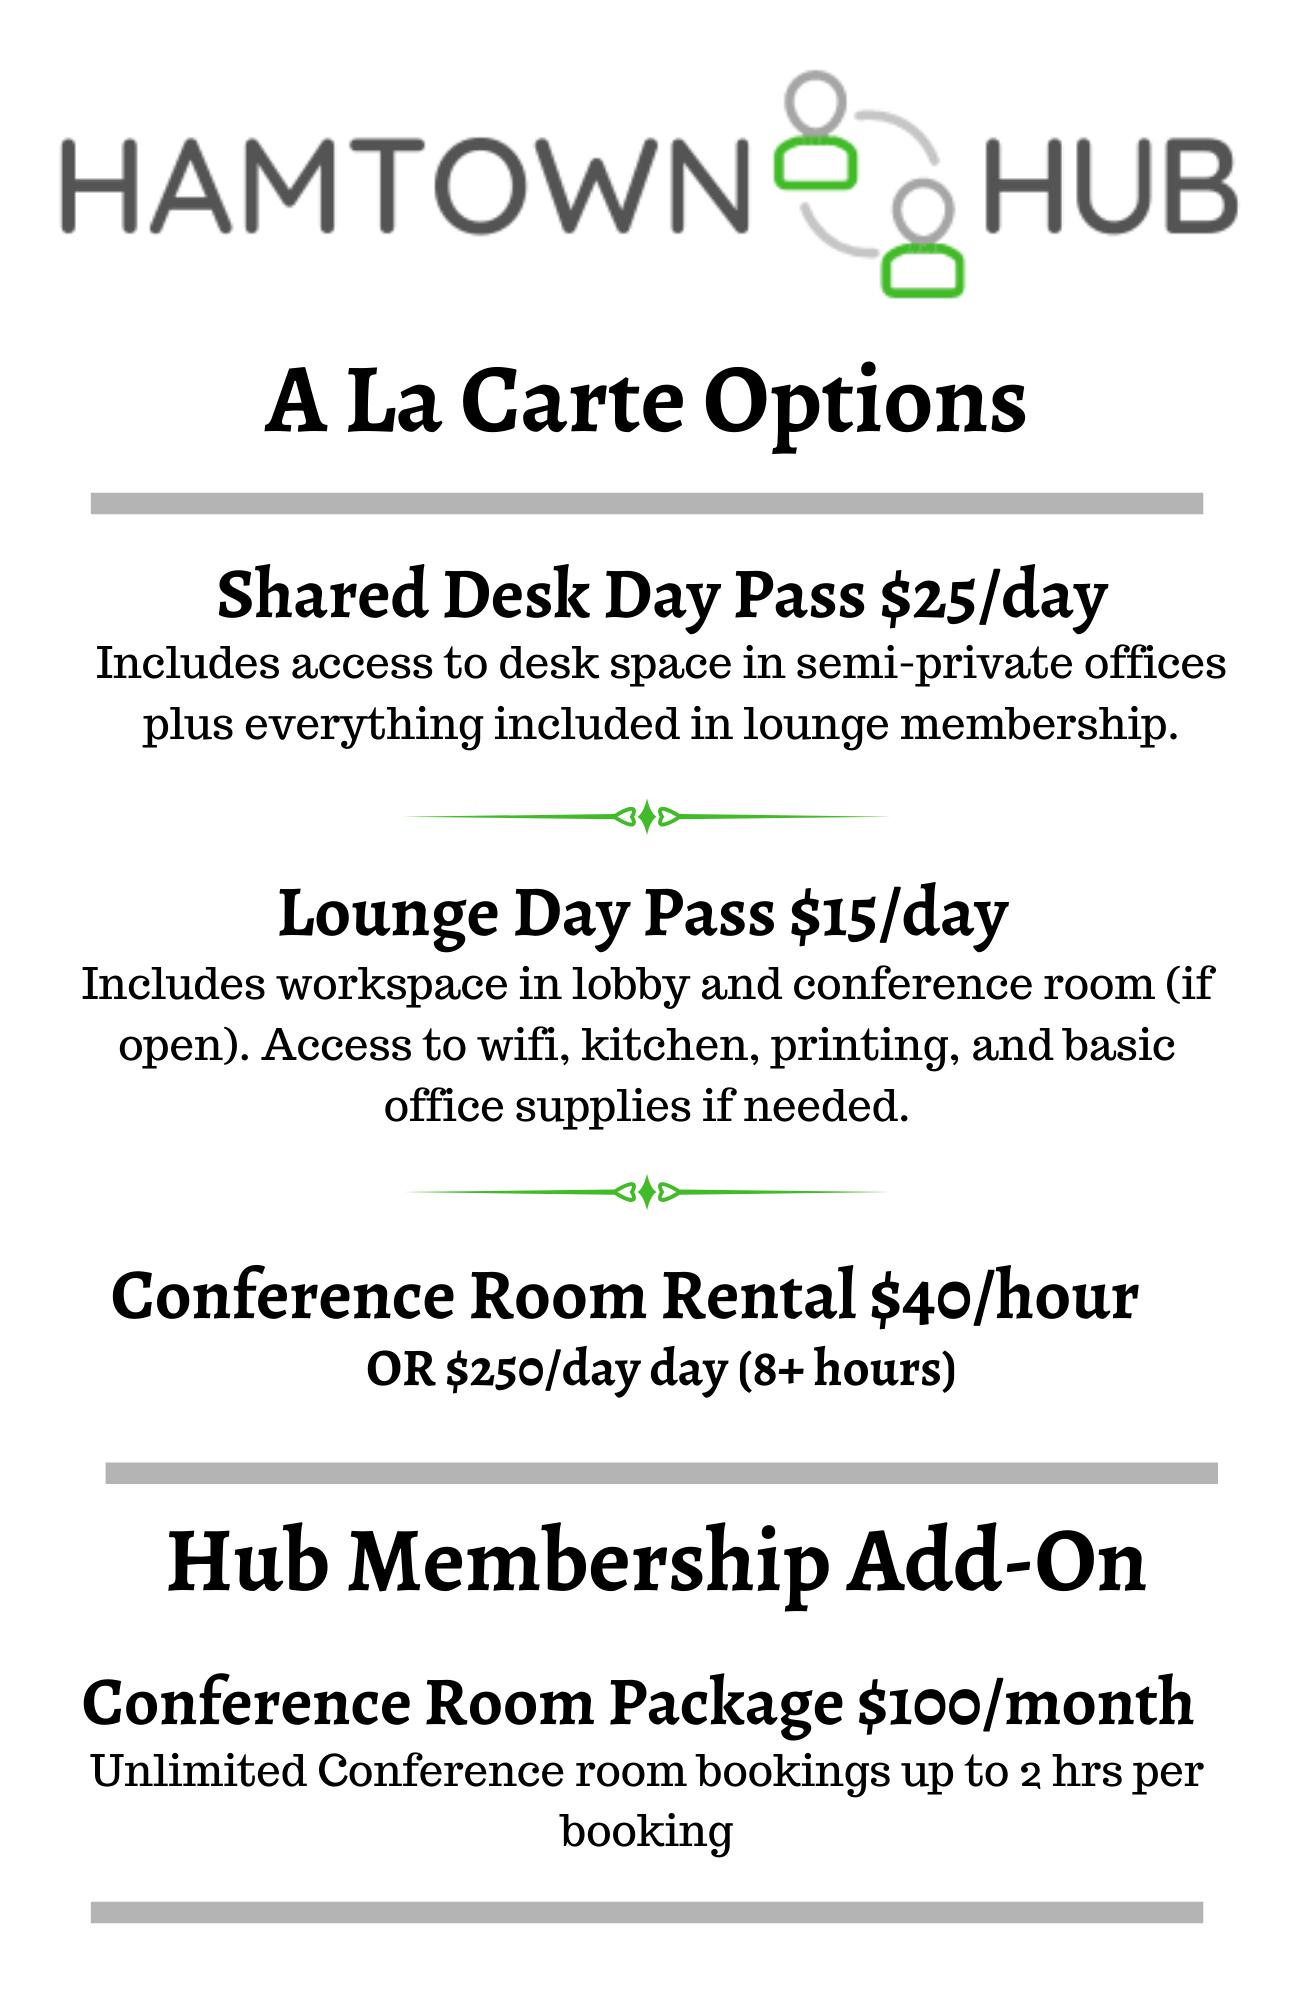 Hamtown-Hub-A-La-Carte-Options.png